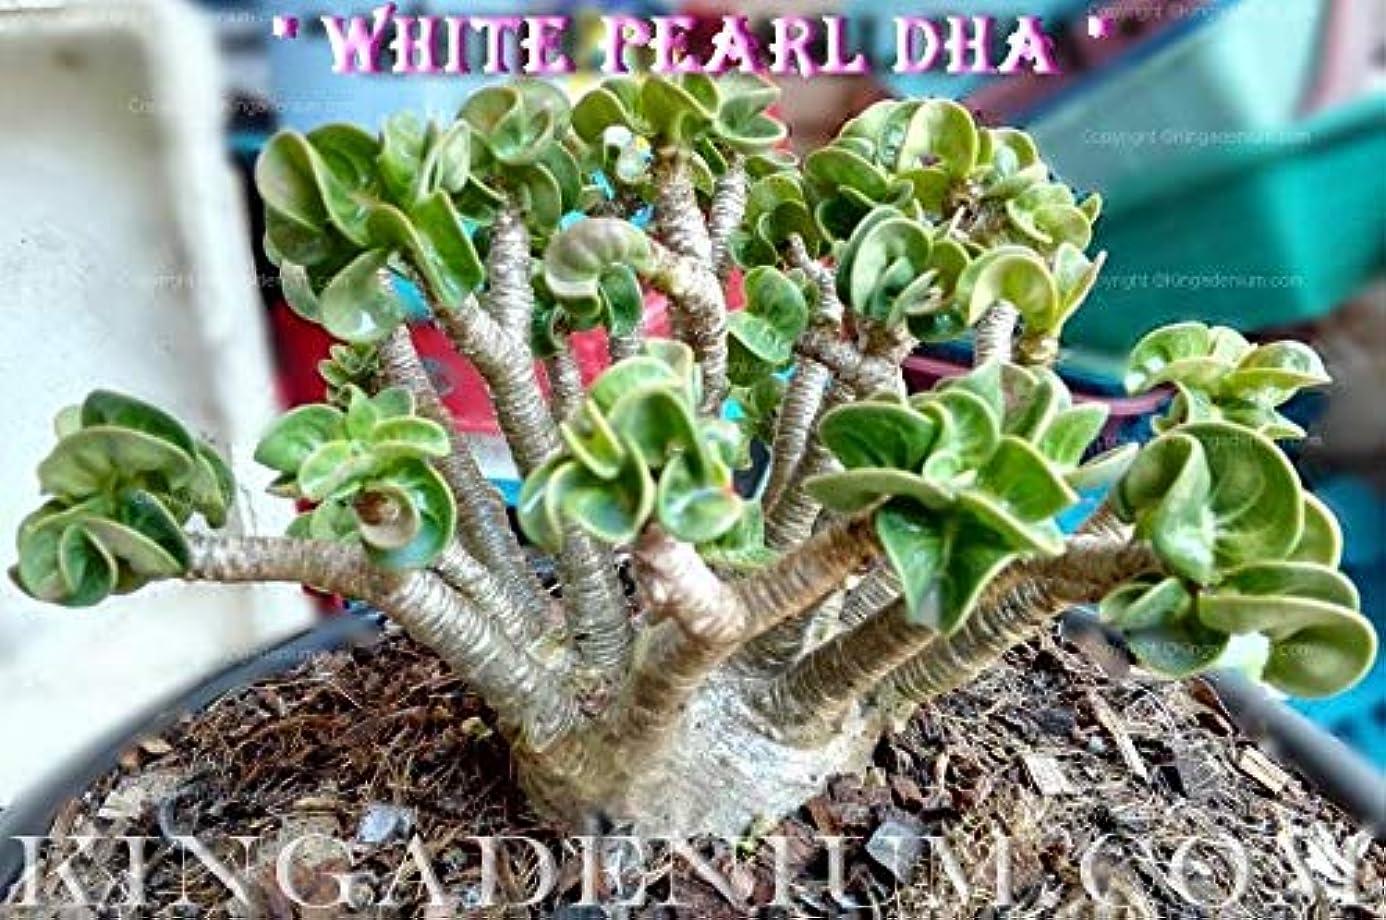 なのでおんどり決定的有機種子だけでなく、植物:PEARL DHA DORSET HORNアデニウムTHAI SOCOTRANUM DESERTは100 SEEDSのSEEDS NEW HYB BY FERRYをROSE